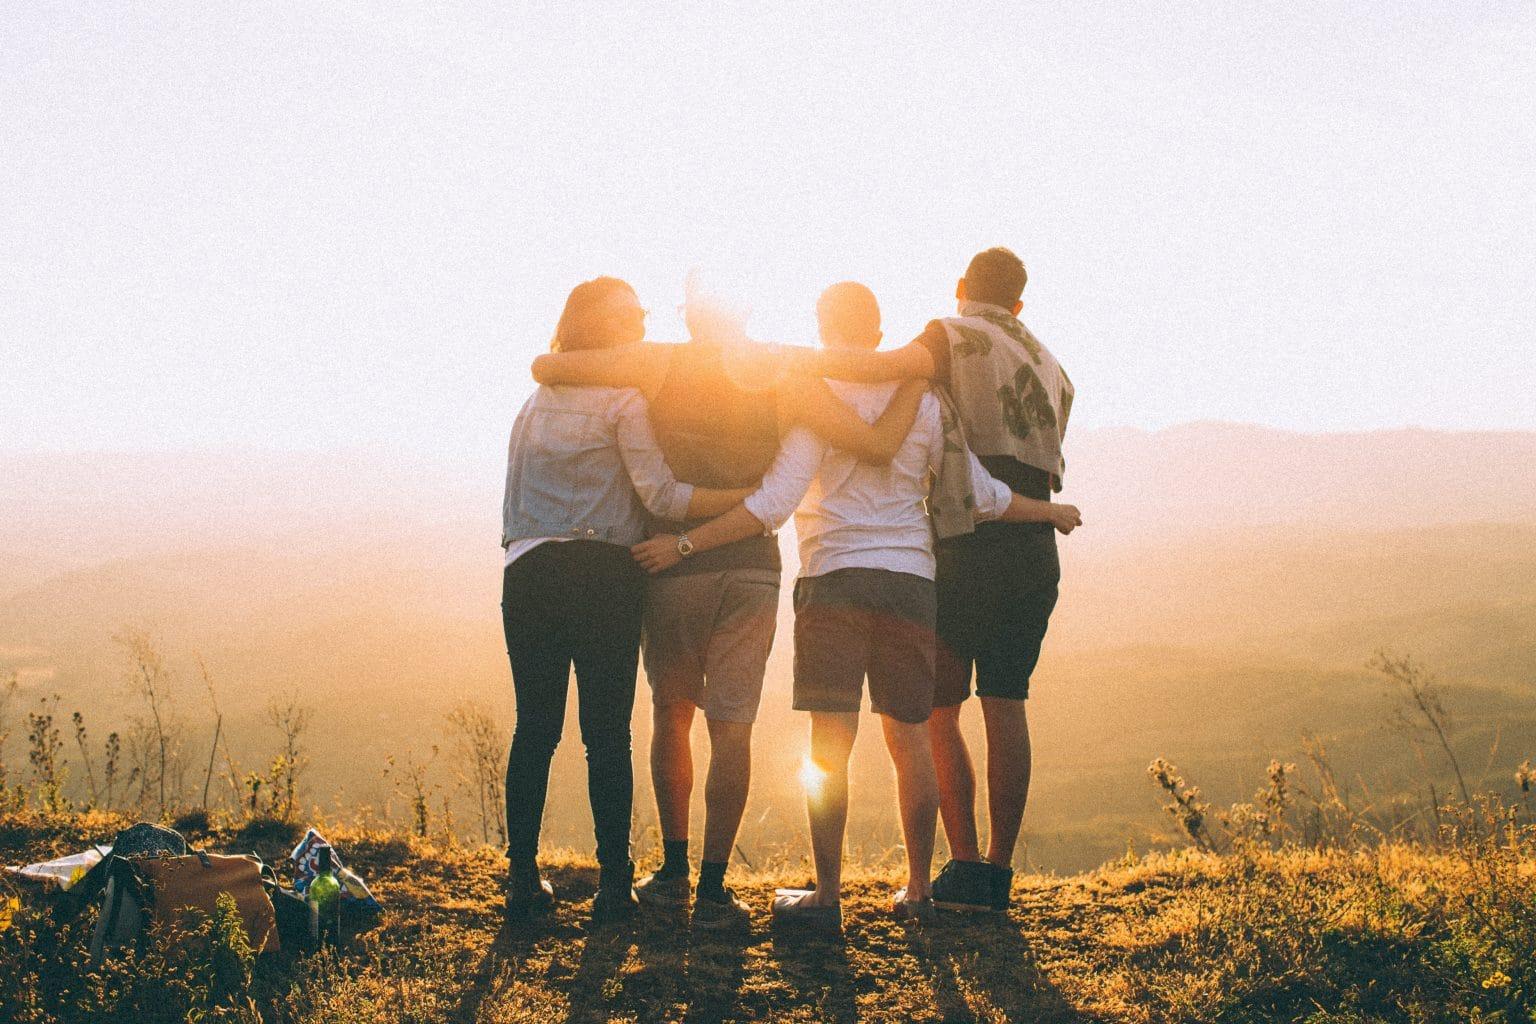 Sternzeichen Waage vier Freunde umarmen sich in Natur vor Sonnenuntergang